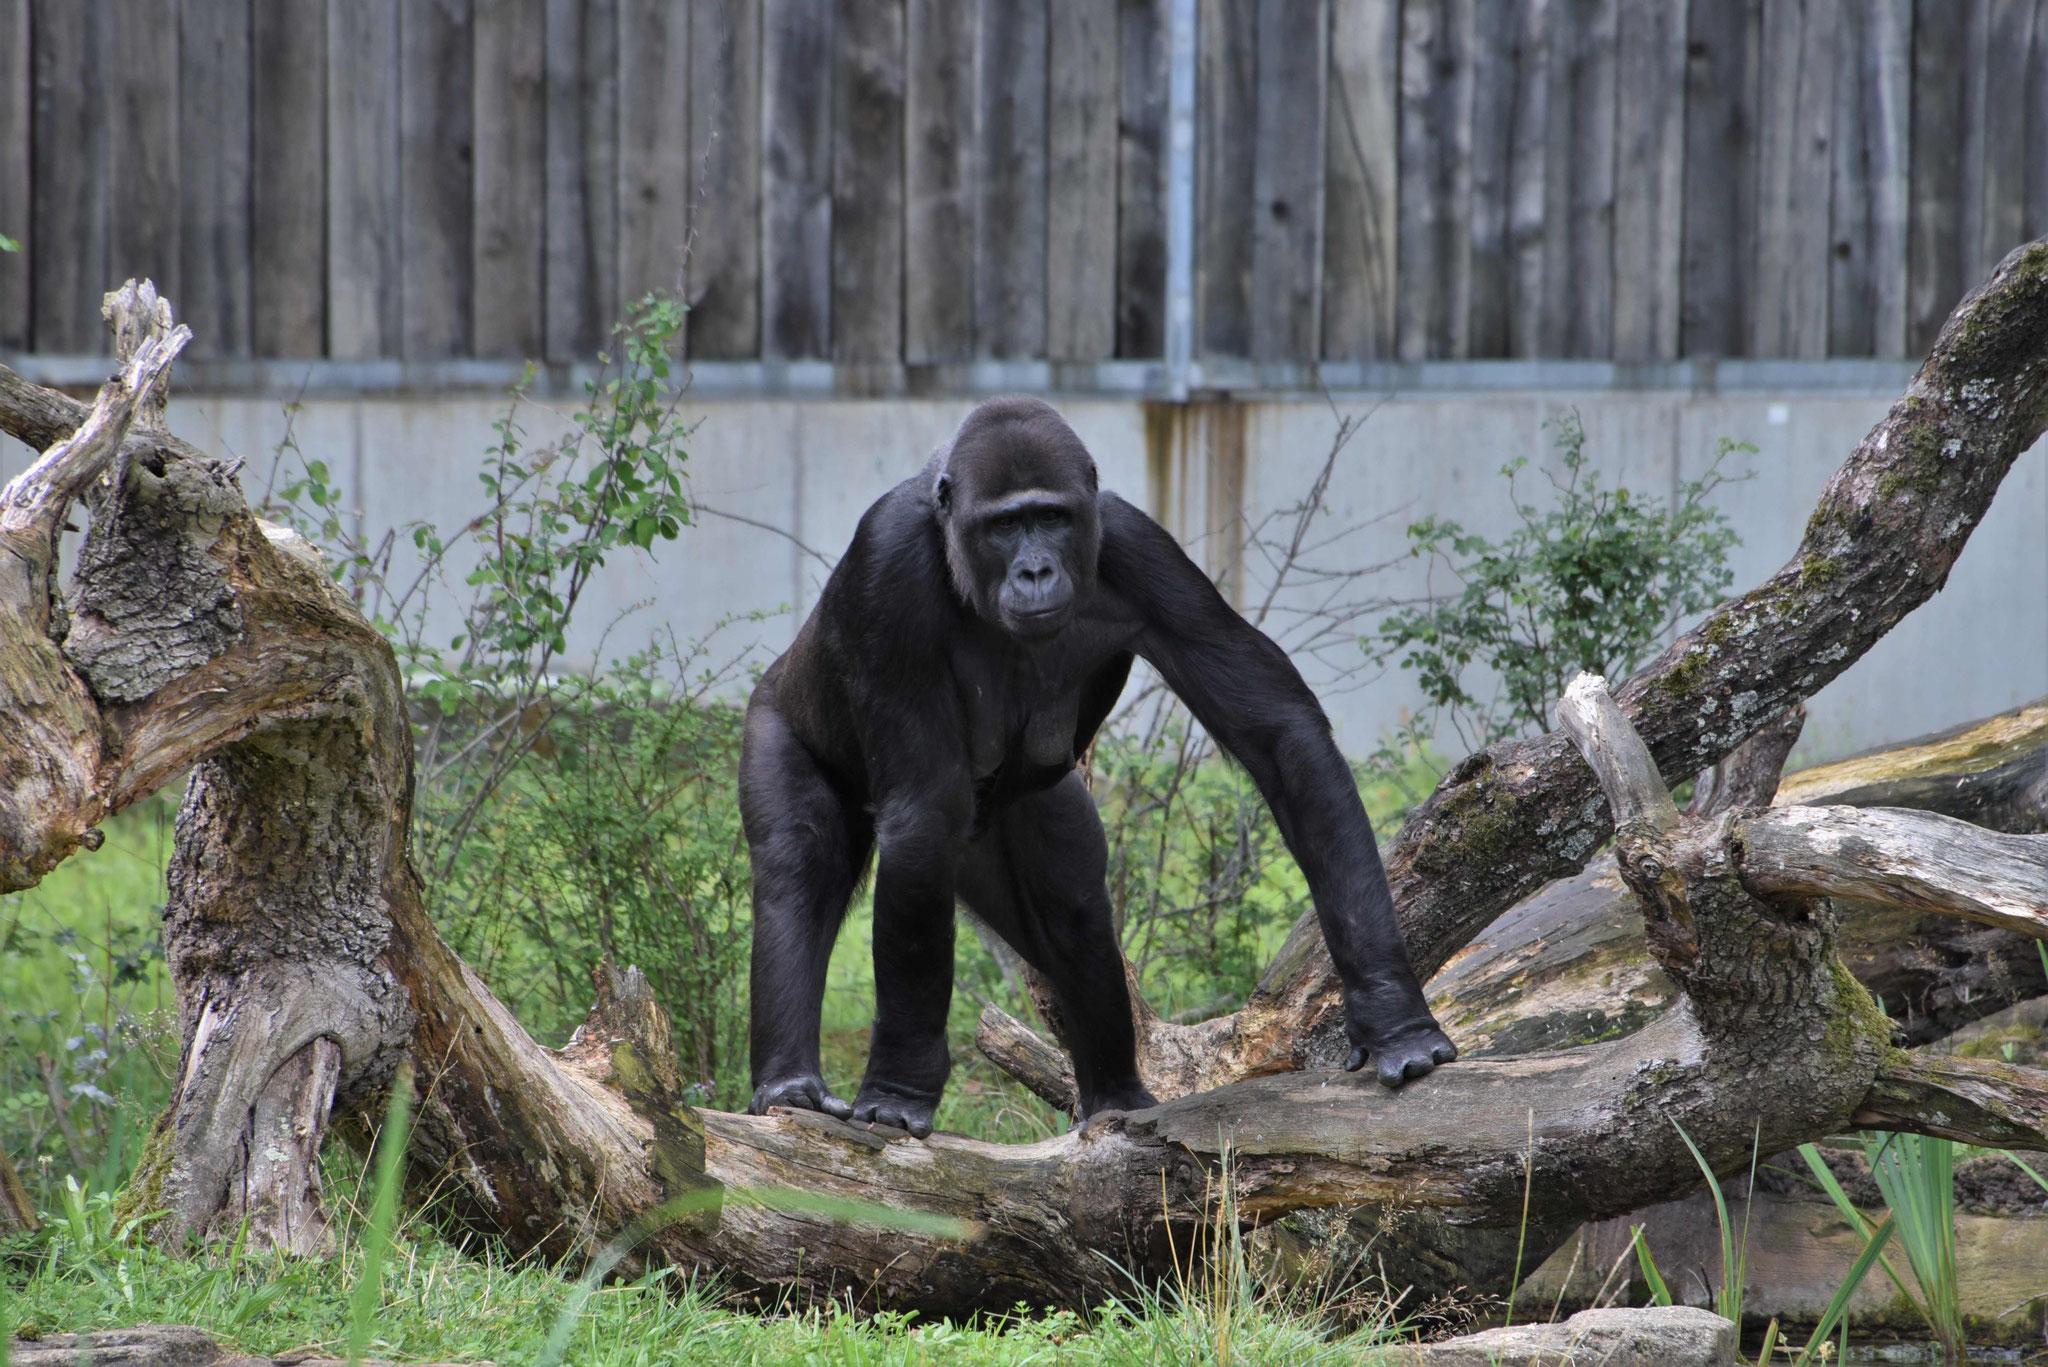 King Kong oder doch ein liebevoller Gorilla? Wilhelma Stuttgart